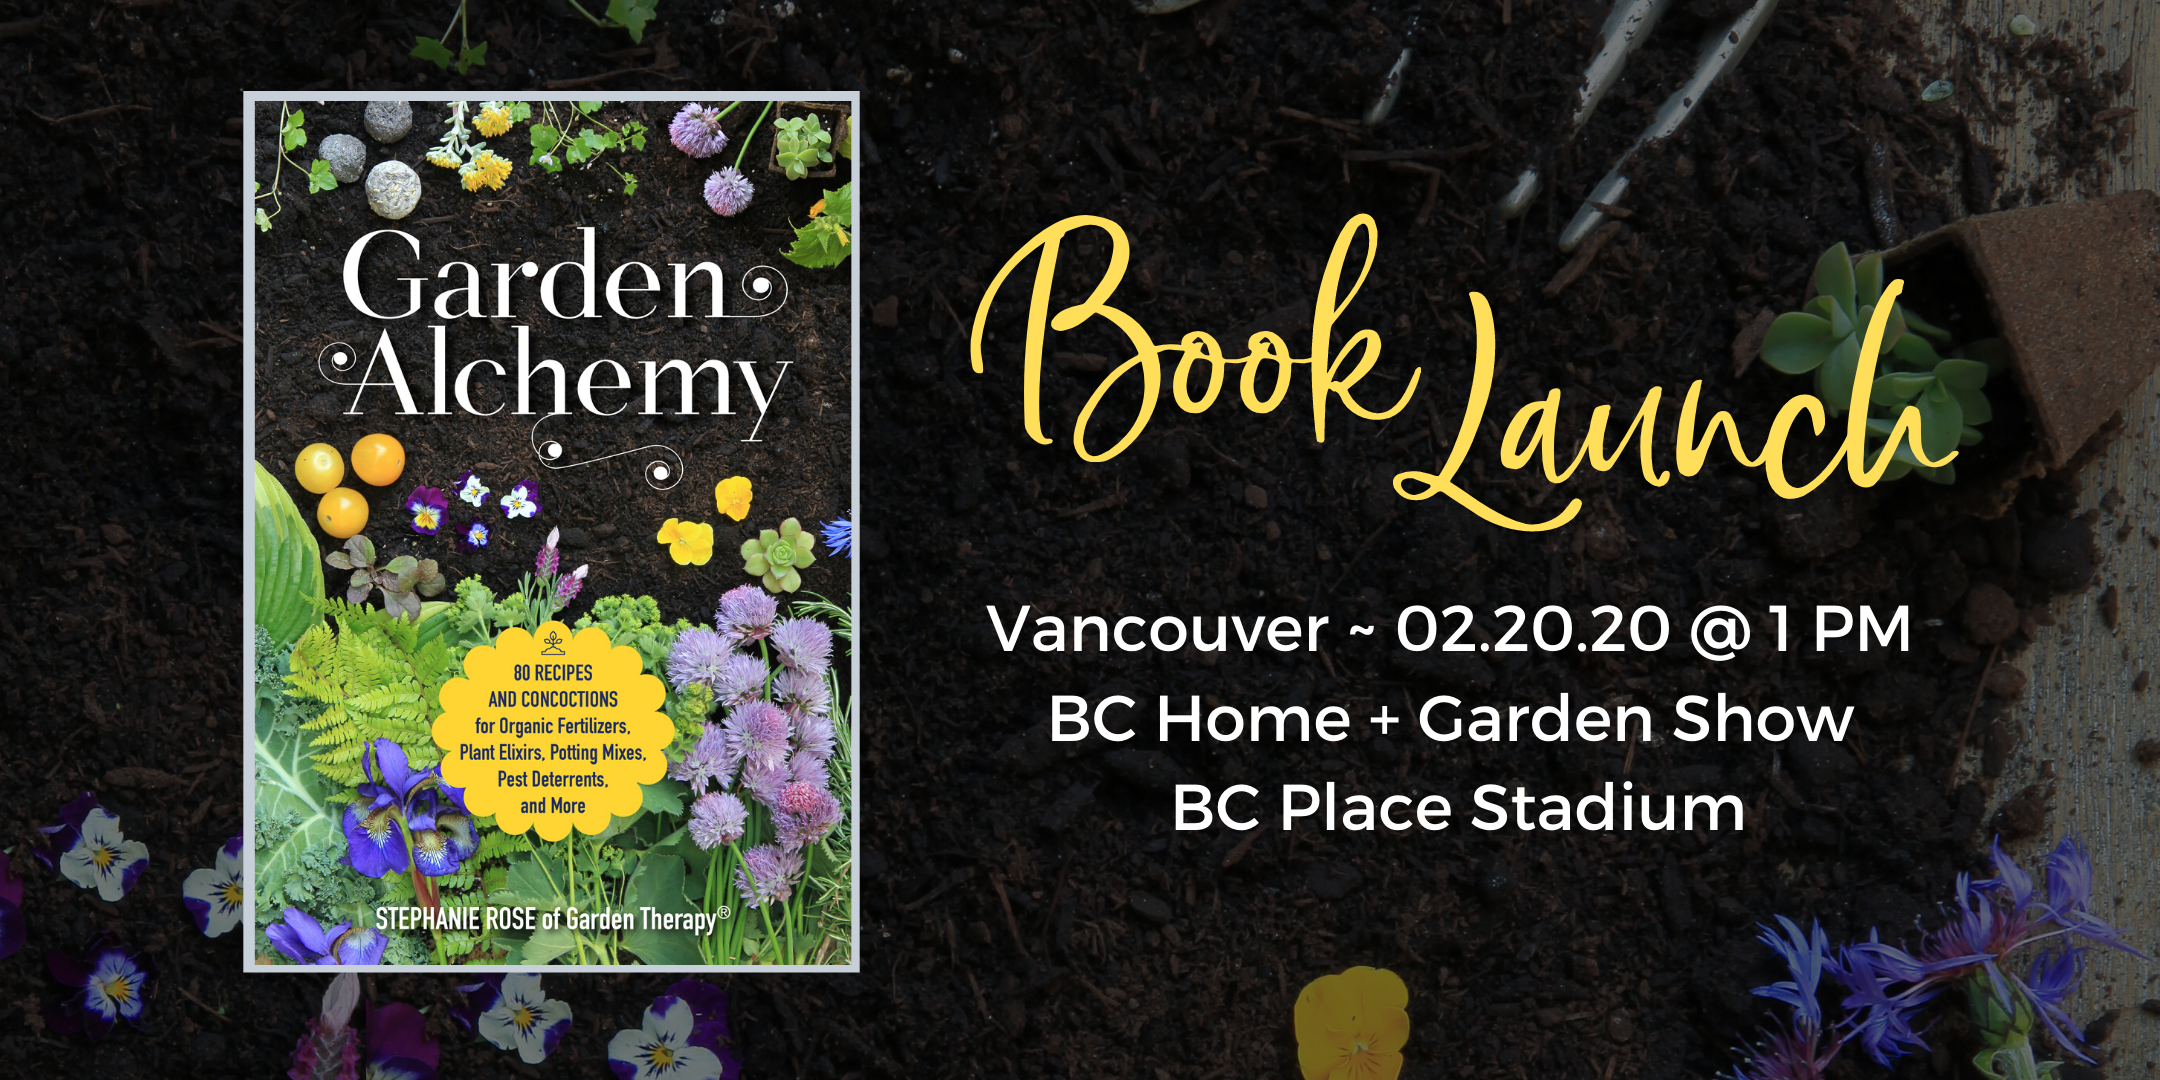 Garden Alchemy Book Launch